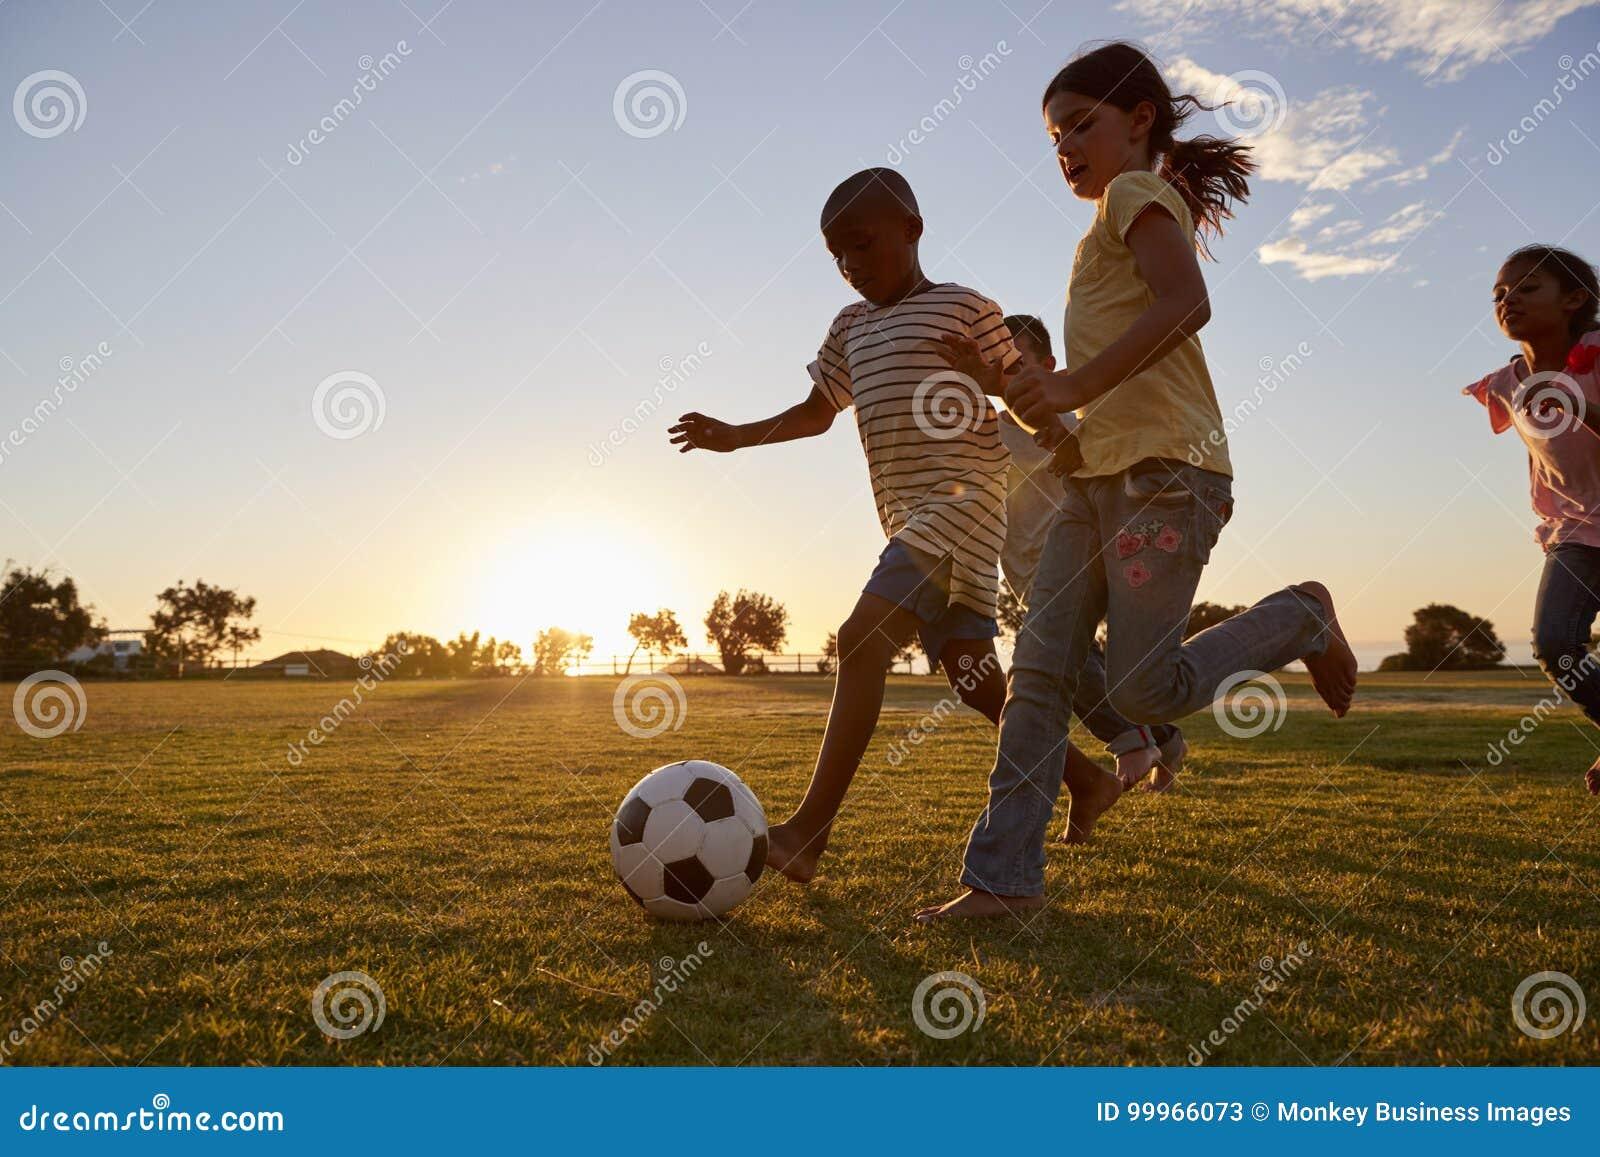 Fyra barn som springer efter en fotboll som plying på ett fält